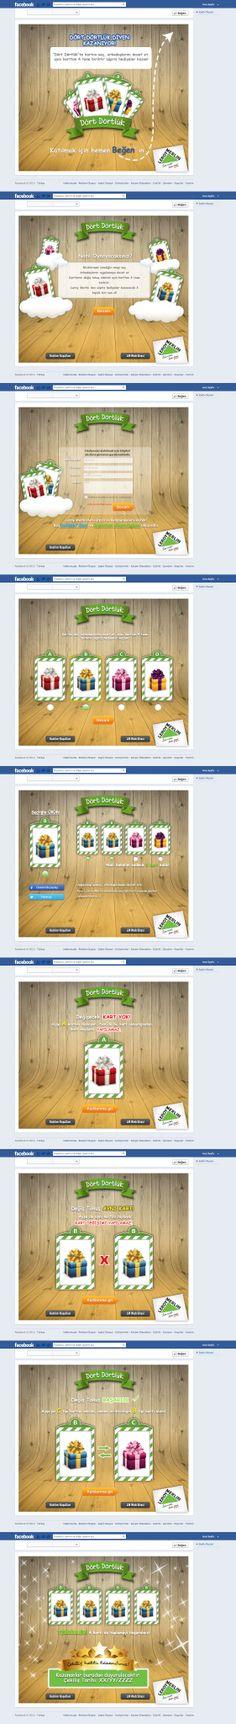 """Leroy Merlin facebook kart uygulaması. Amaç girişte ekrana gelen 4 karttan birisini seçip, geriye kalan kartları seçtiğin karta göre toplamaktı. Facebook ve Twitter' da destek wall postuyla arkadaşlar arasında kart değiş-tokuşu yapılırdı. 4 tane aynı karttan topladıktan sonra sürpriz hediye için çekilişe katılmaya hak kazanırdı.  30.12.2013 - 14.01.2014 arasında """"Leroy Merlin Facebook"""" sayfasında yayınlanmıştır.  Detaylar…"""